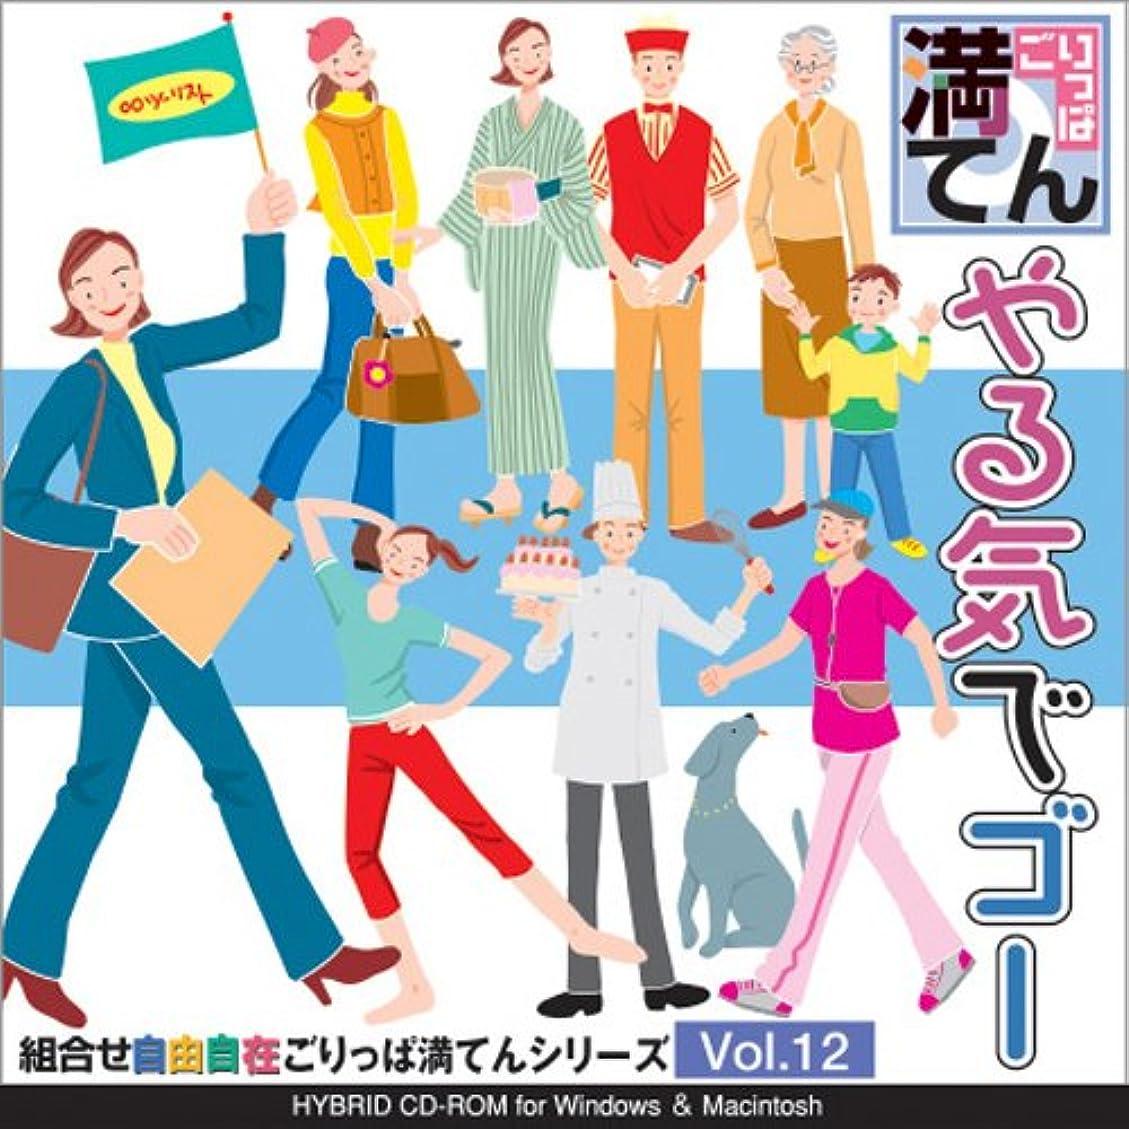 ごりっぱ満てんシリーズ Vol.12「やる気でゴー!」